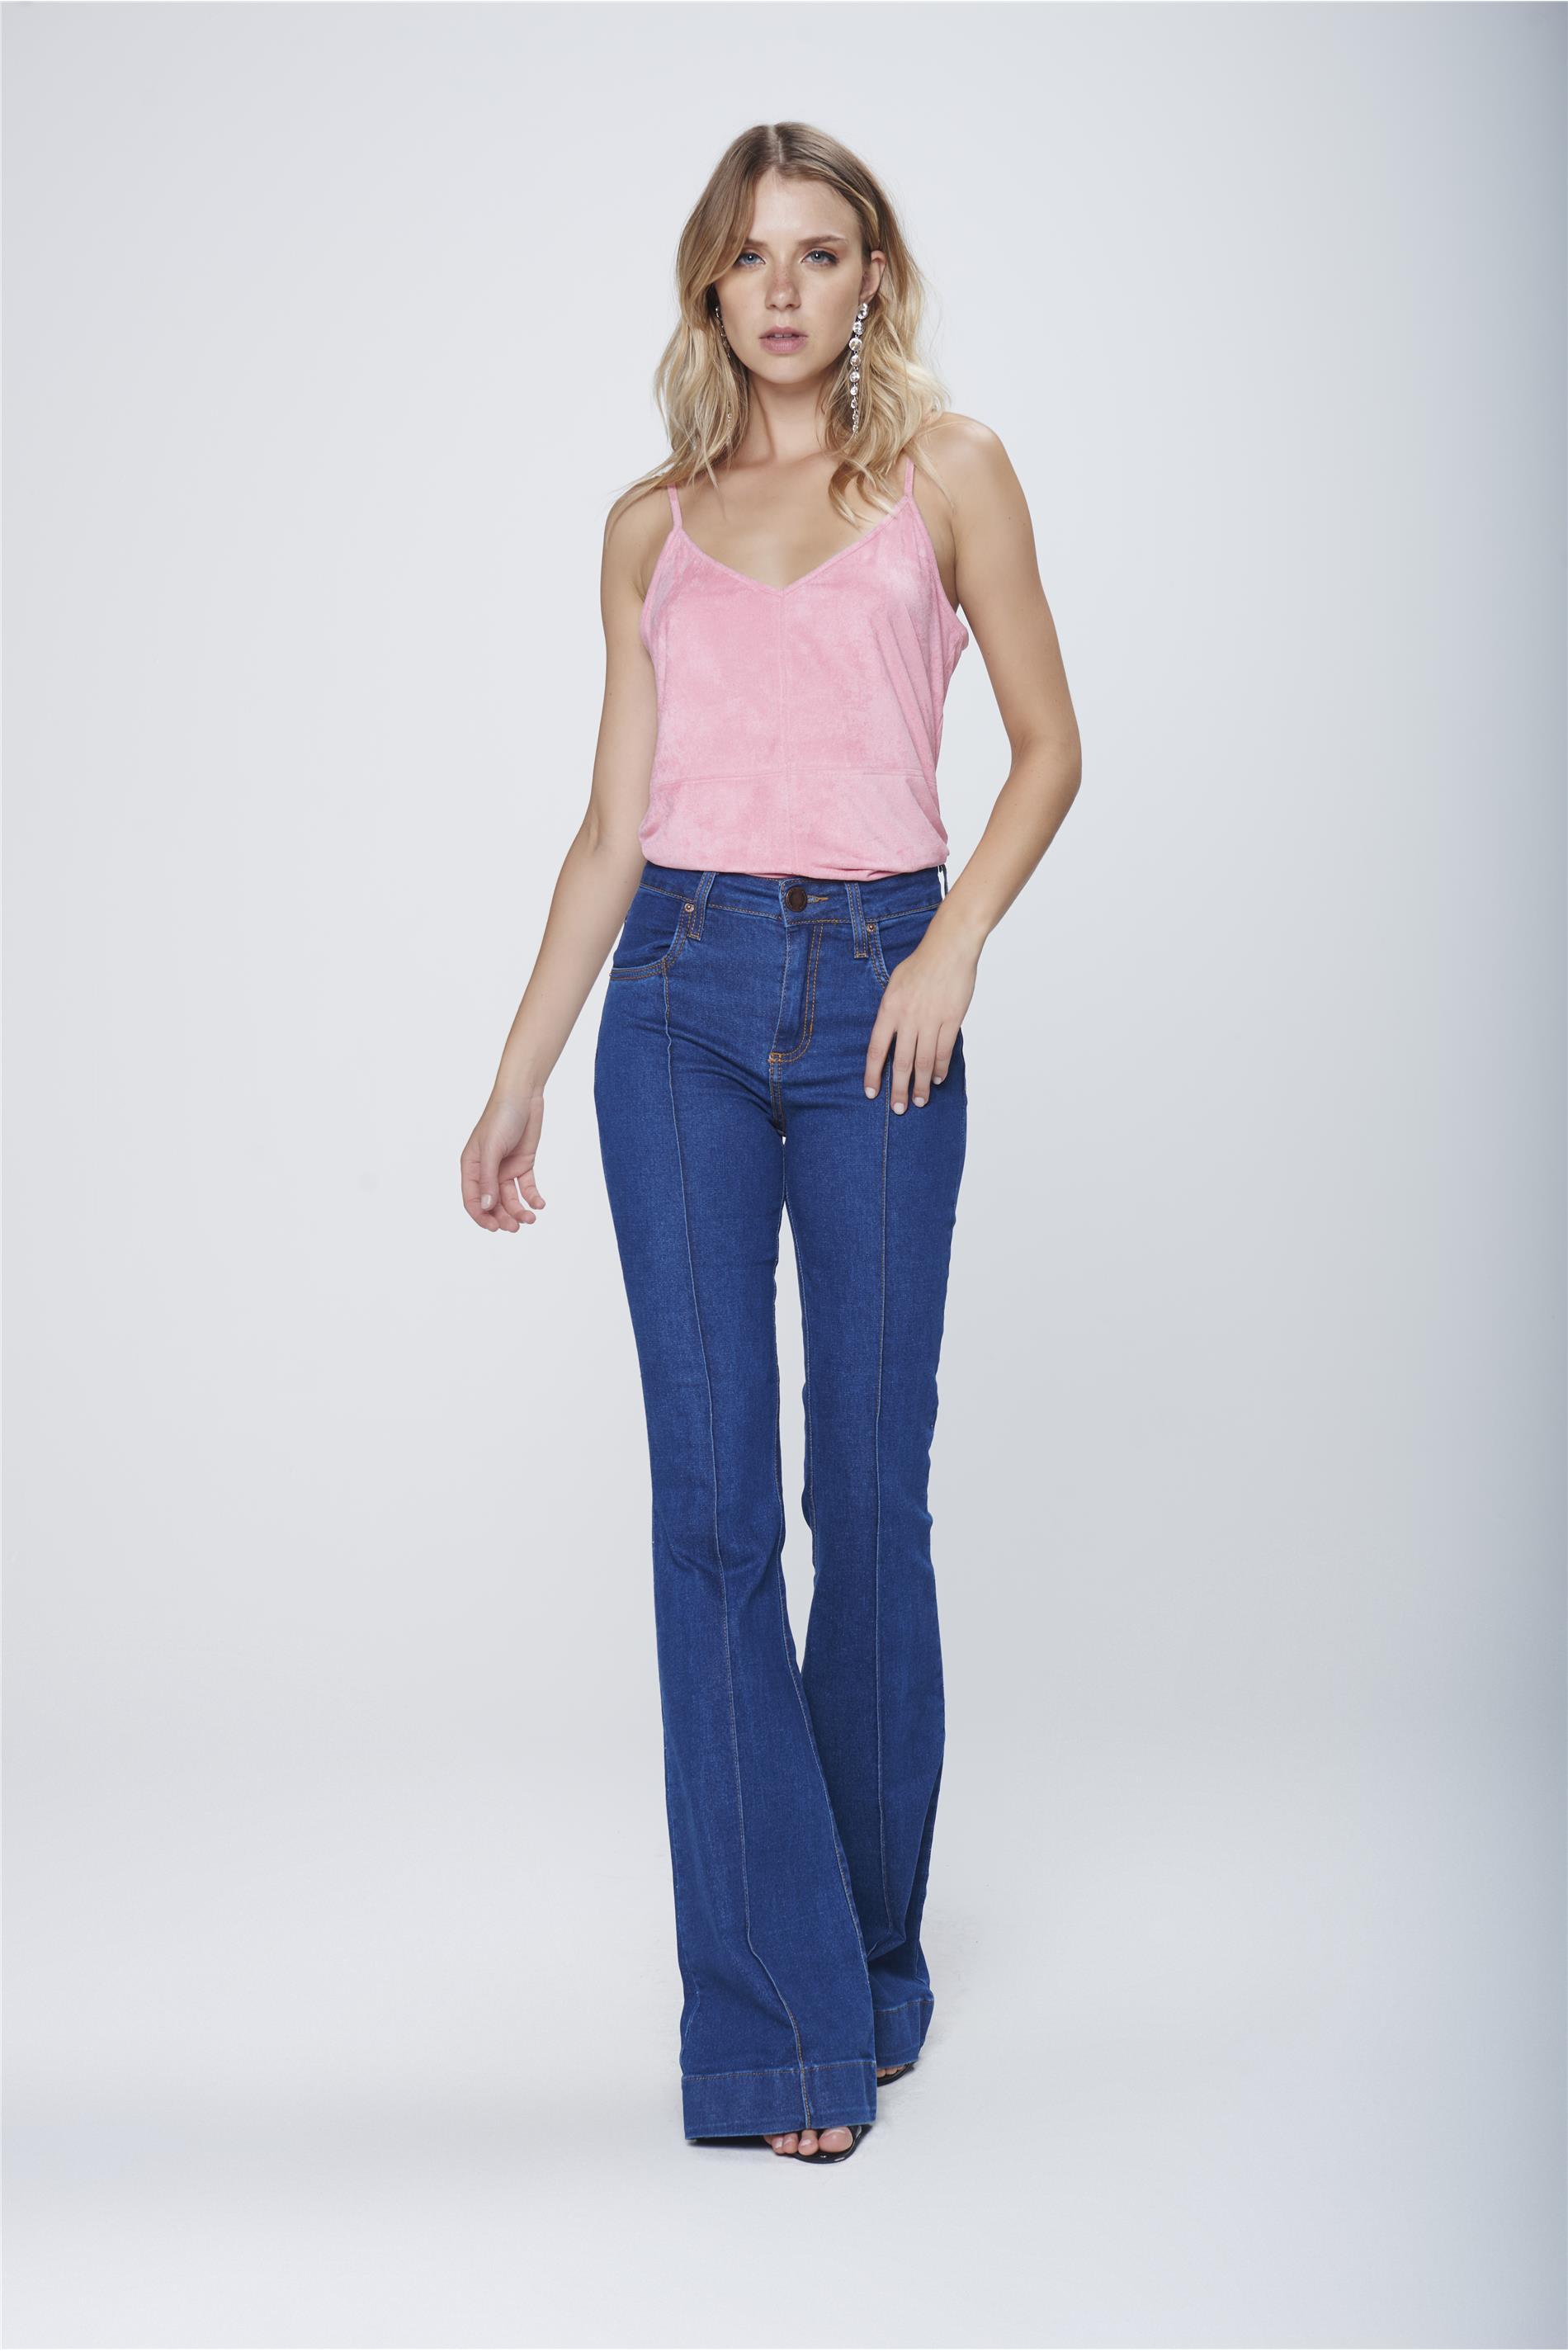 309f3e230 Calça Flare Jeans Cintura Alta Feminina - Damyller